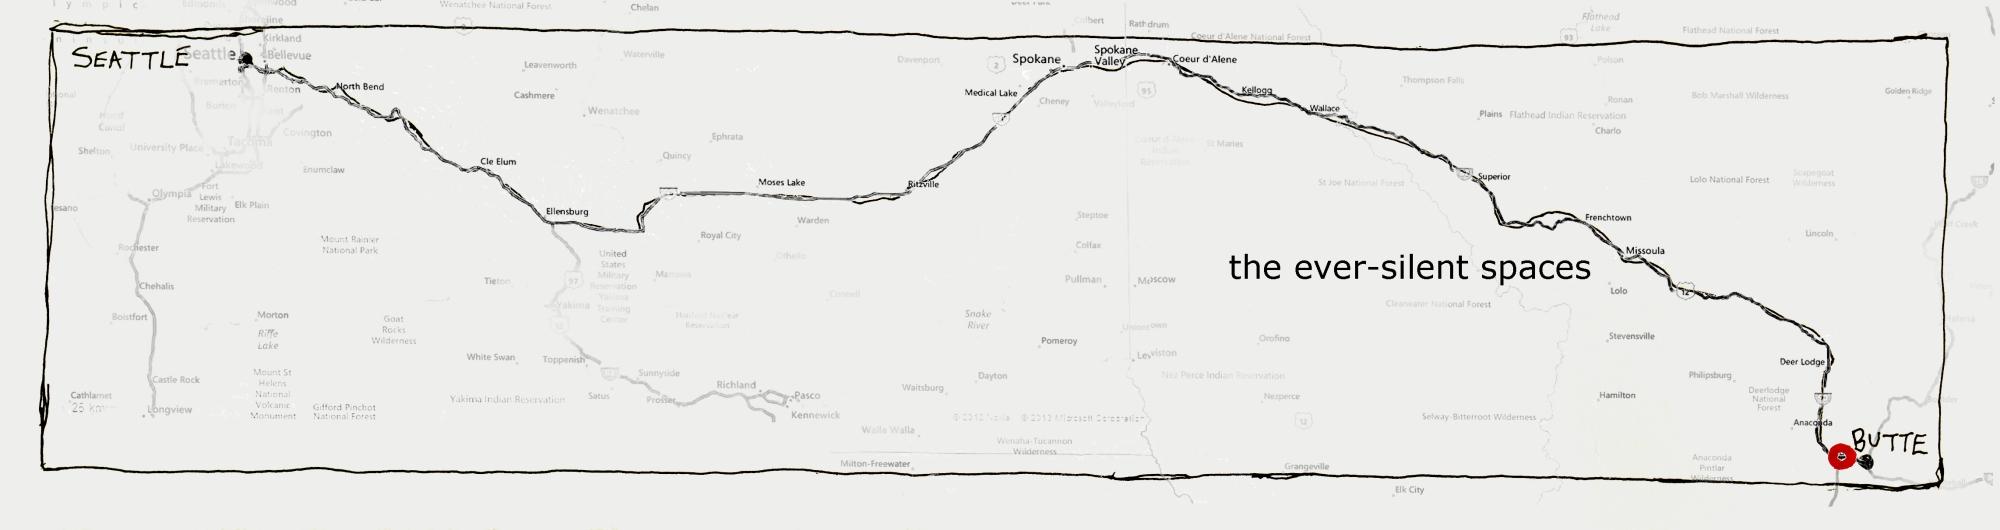 585 map